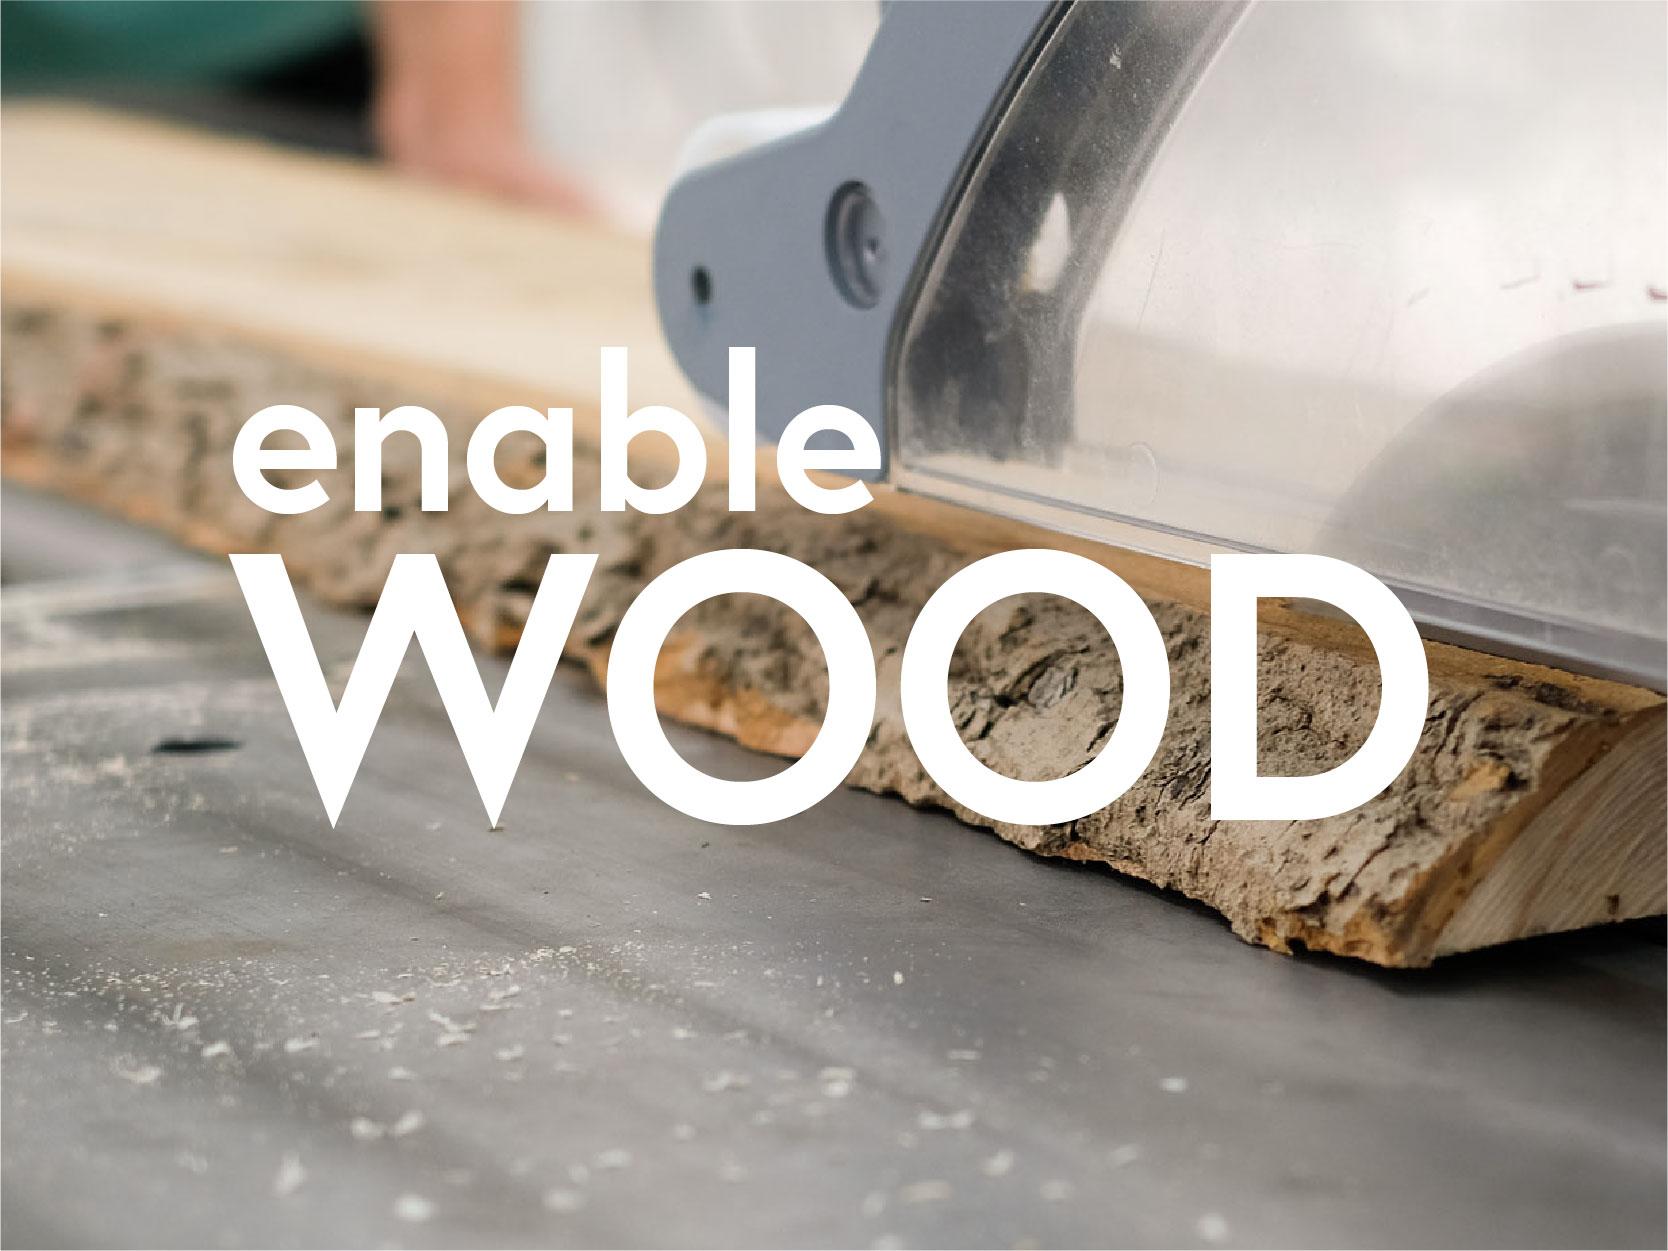 enable WOOD